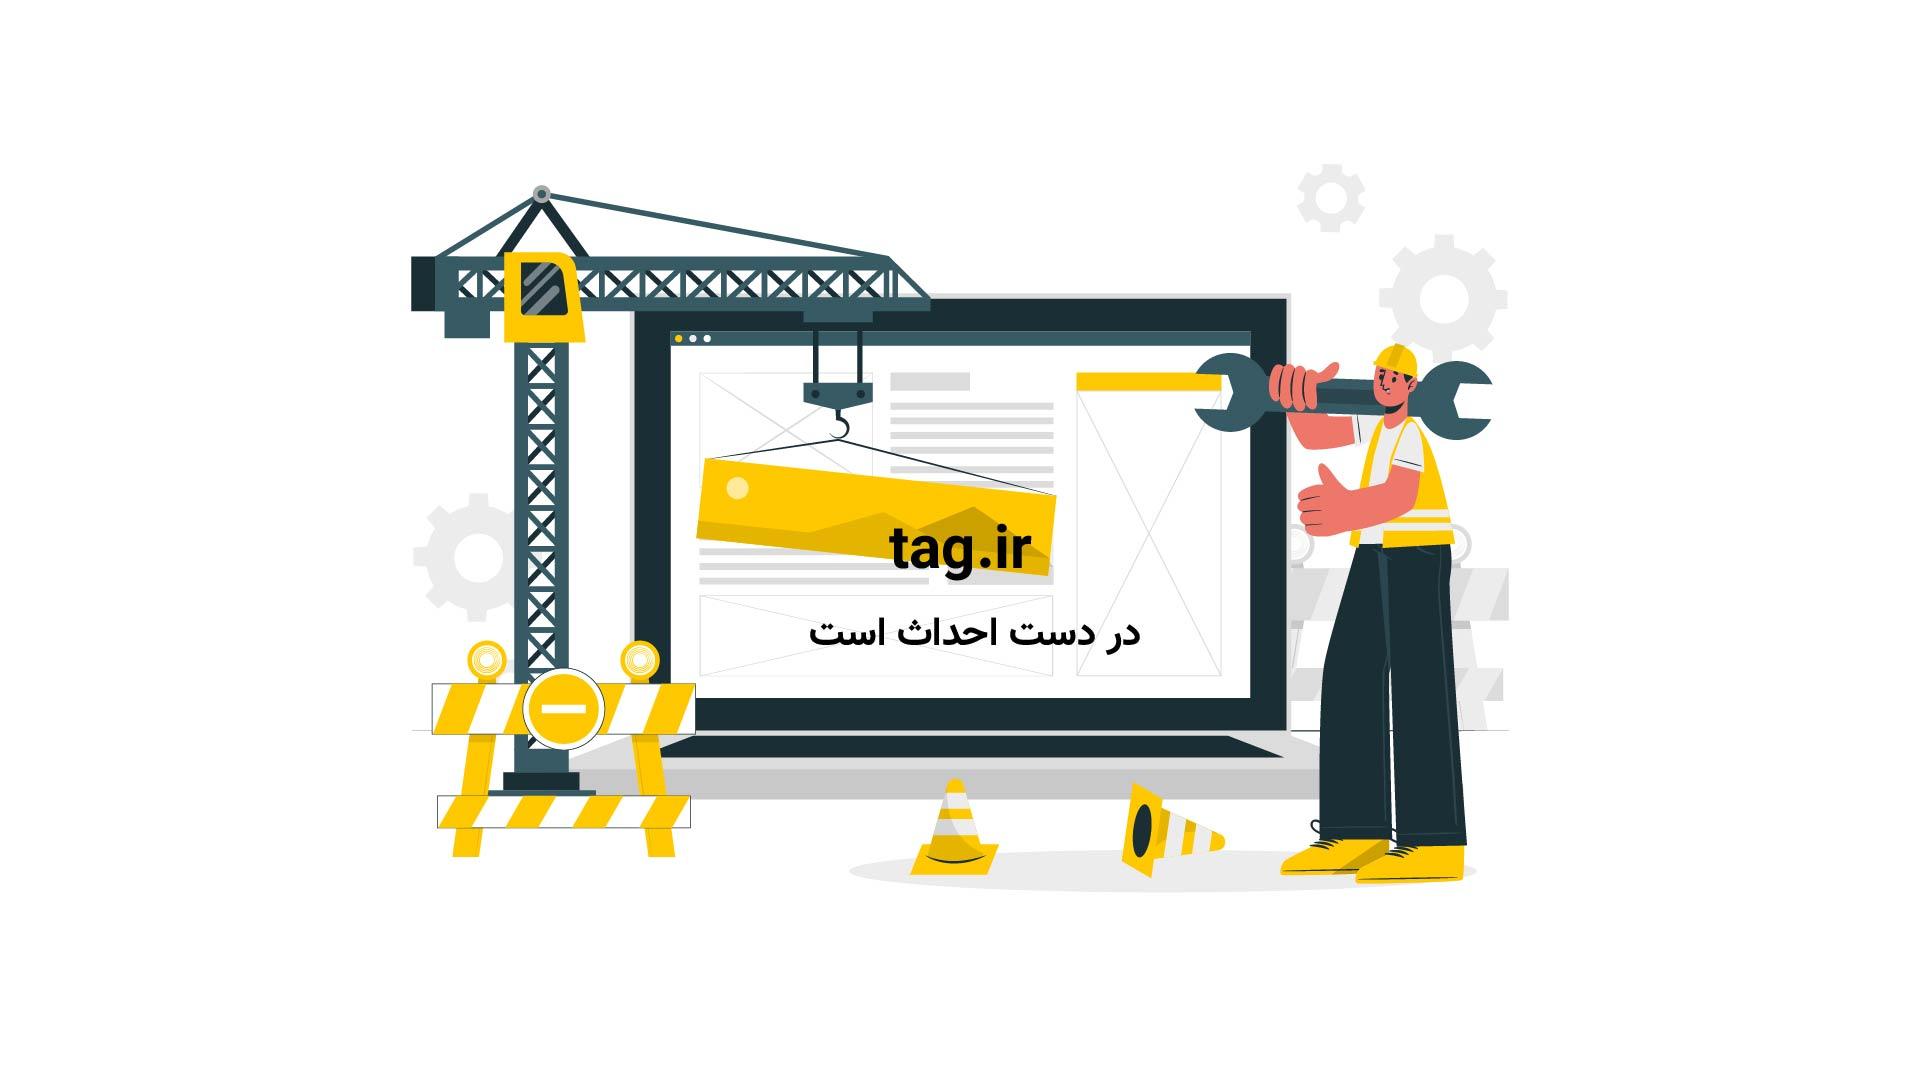 جستجوی خرسهای گریزلی در ساحل به دنبال صدف   فیلم